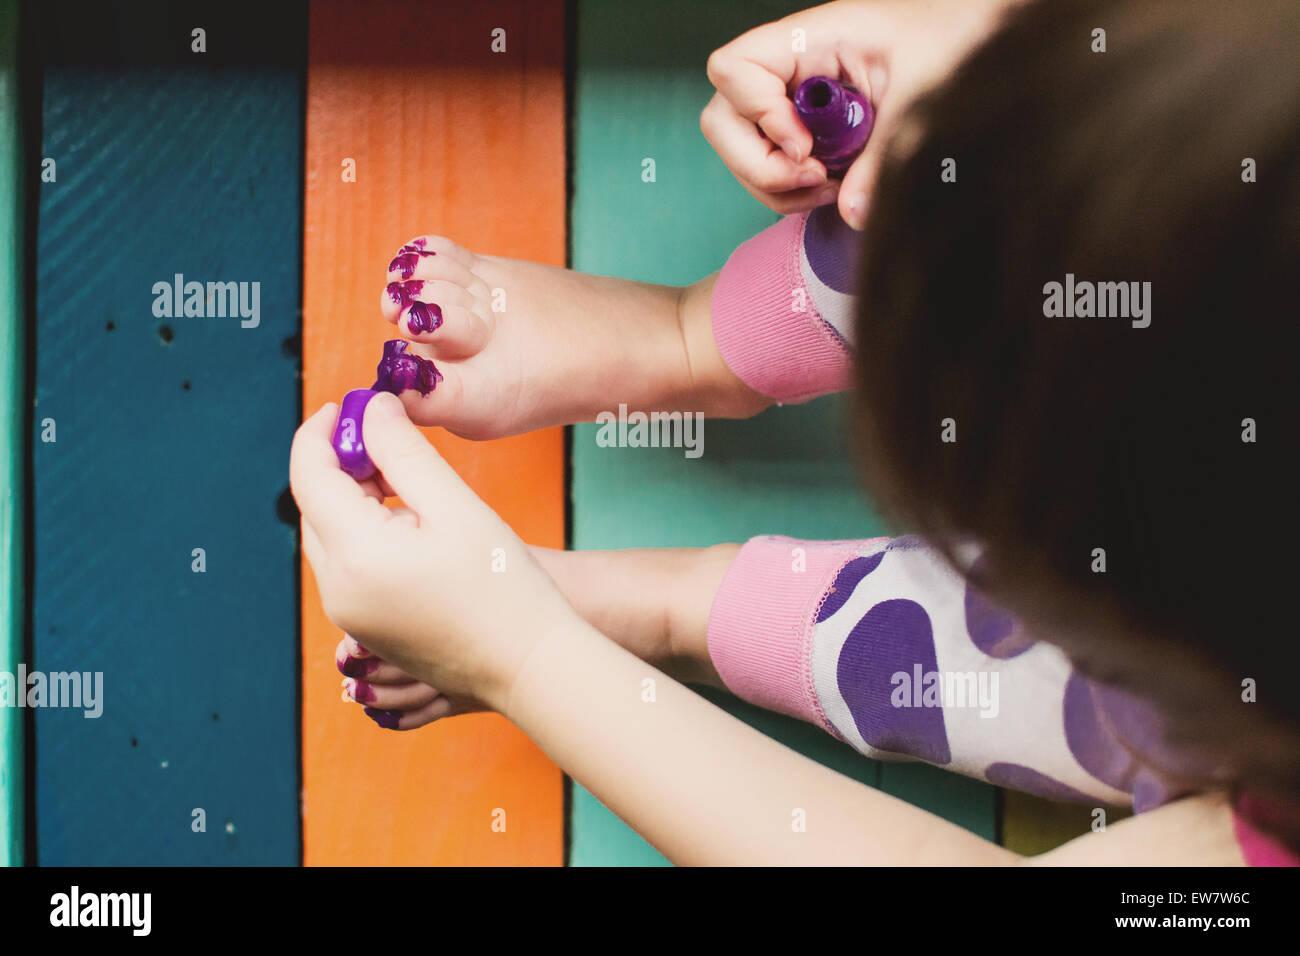 Vista elevada de una niña messily pintando sus dedos Imagen De Stock